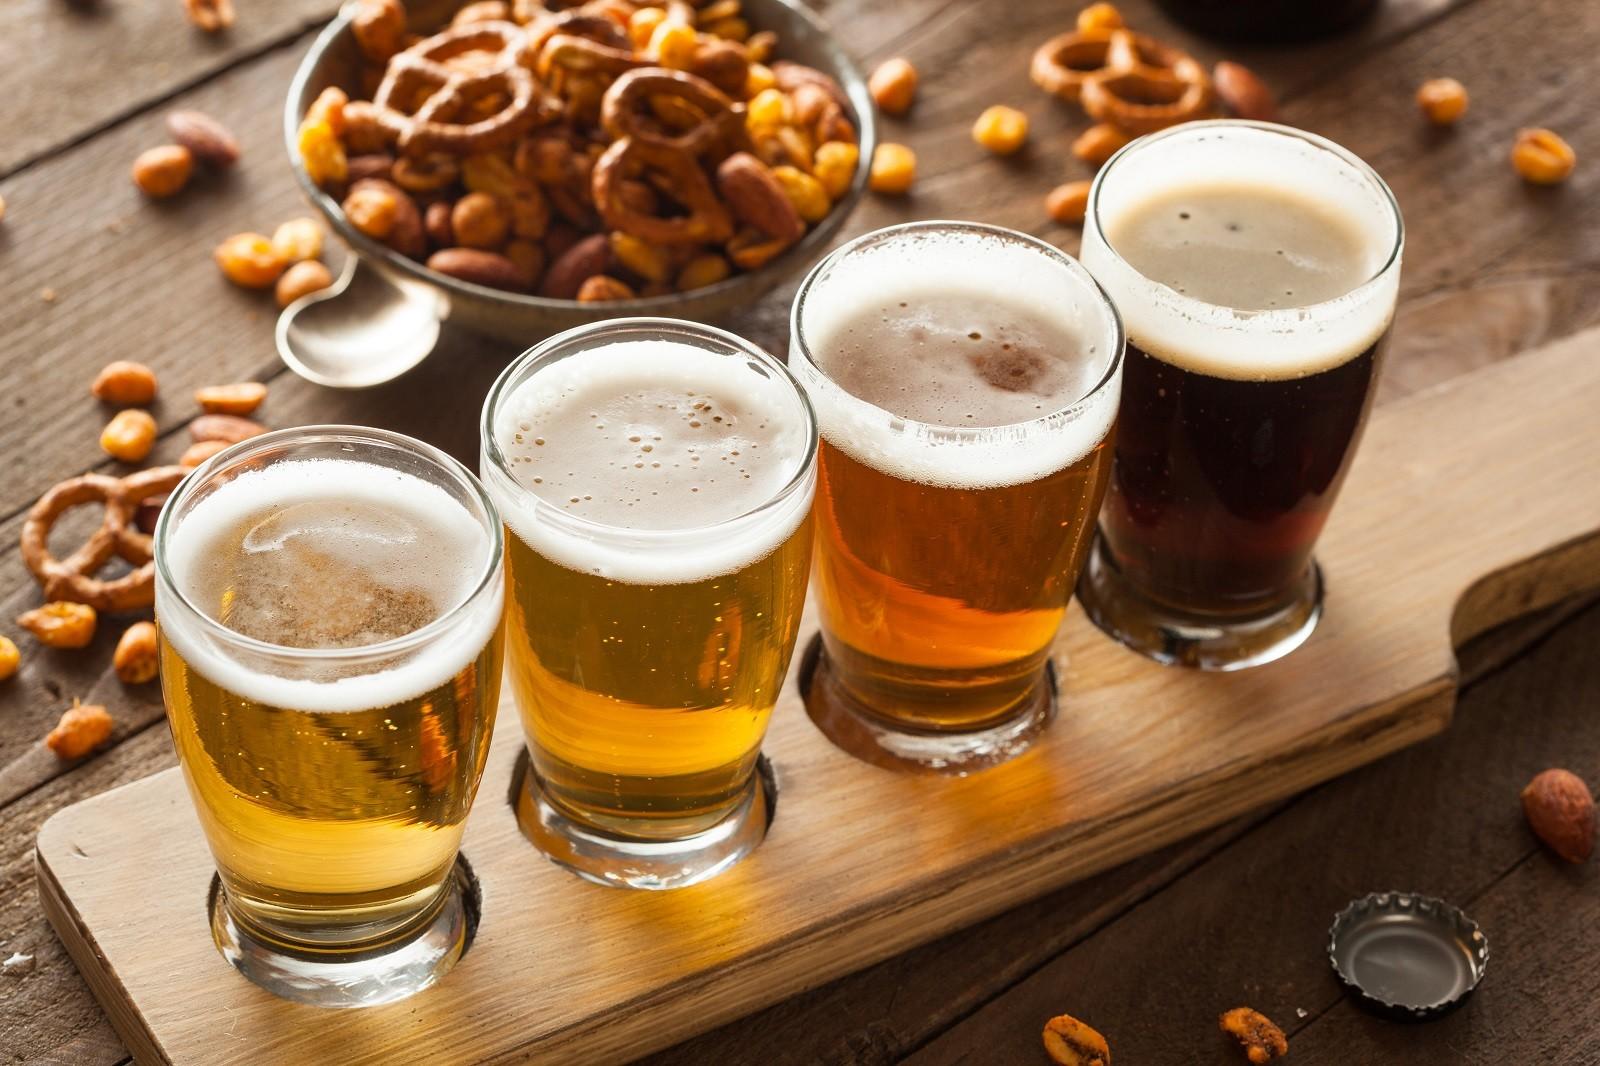 Cervejas artesanais: prove e aprove novos sabores!